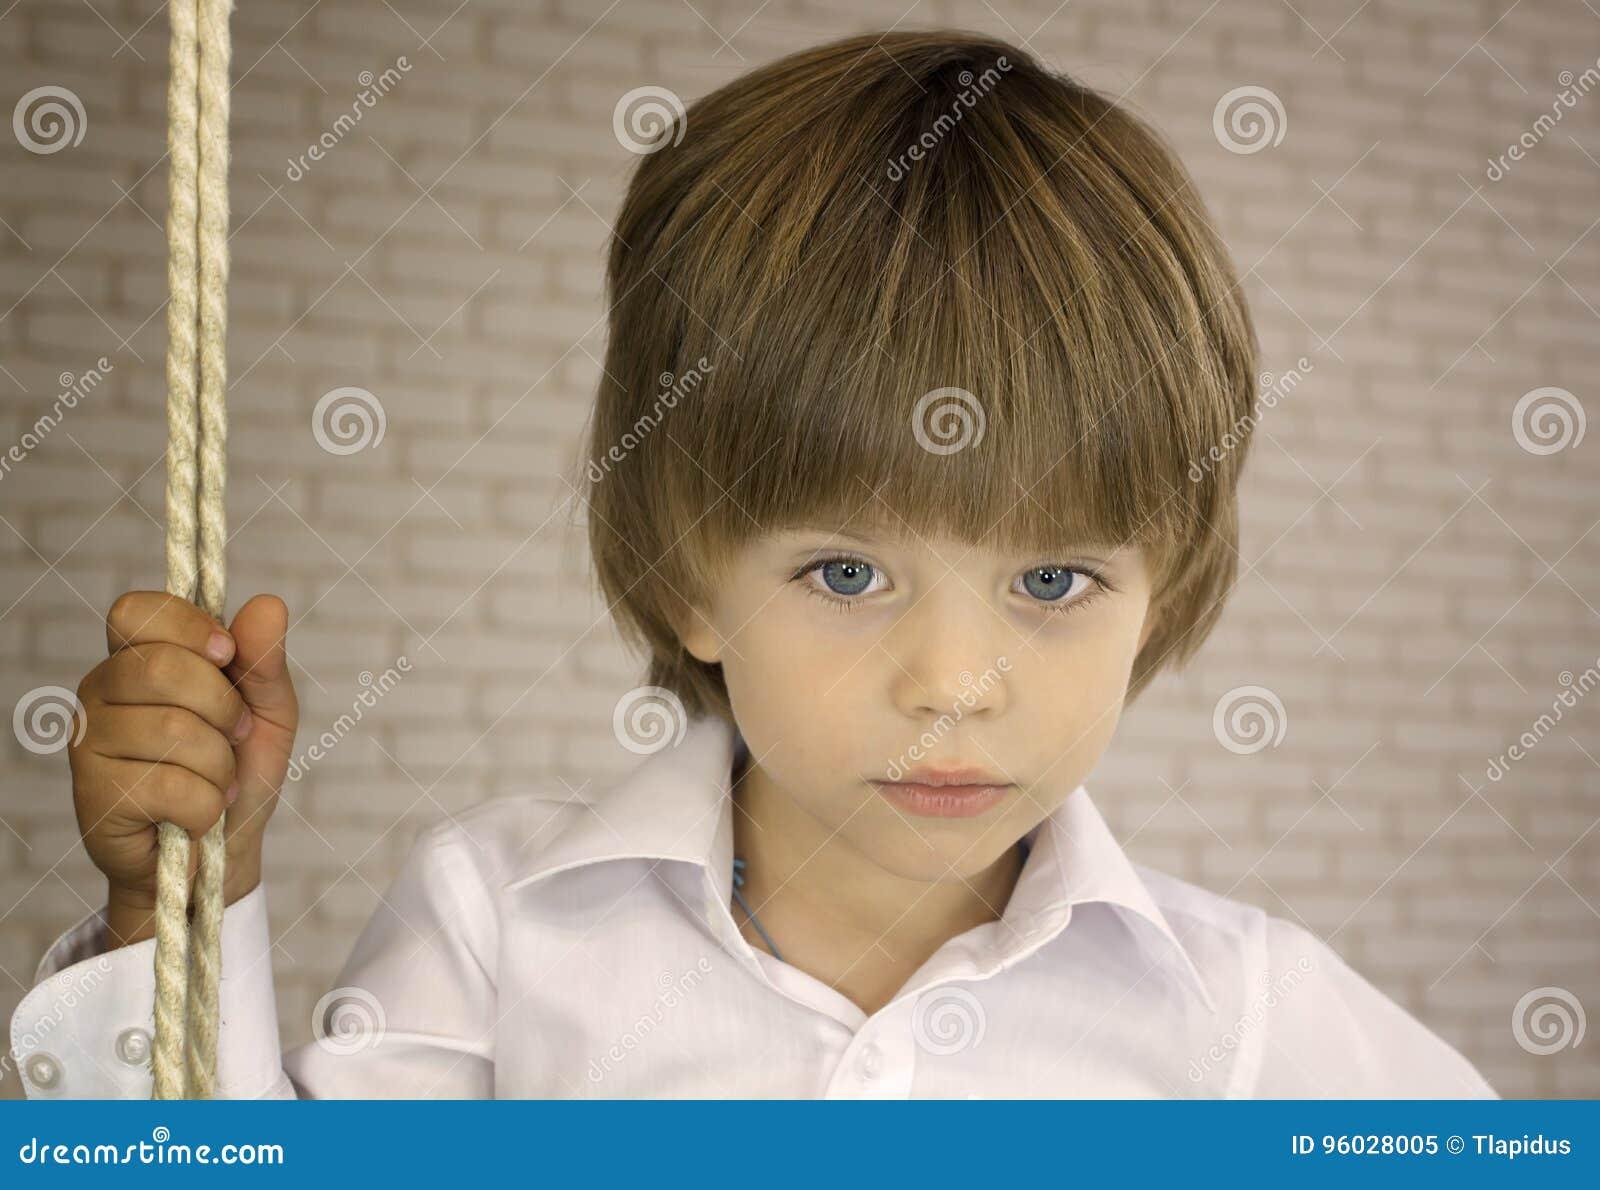 Błękitnooka chłopiec w białej koszula z arkaną